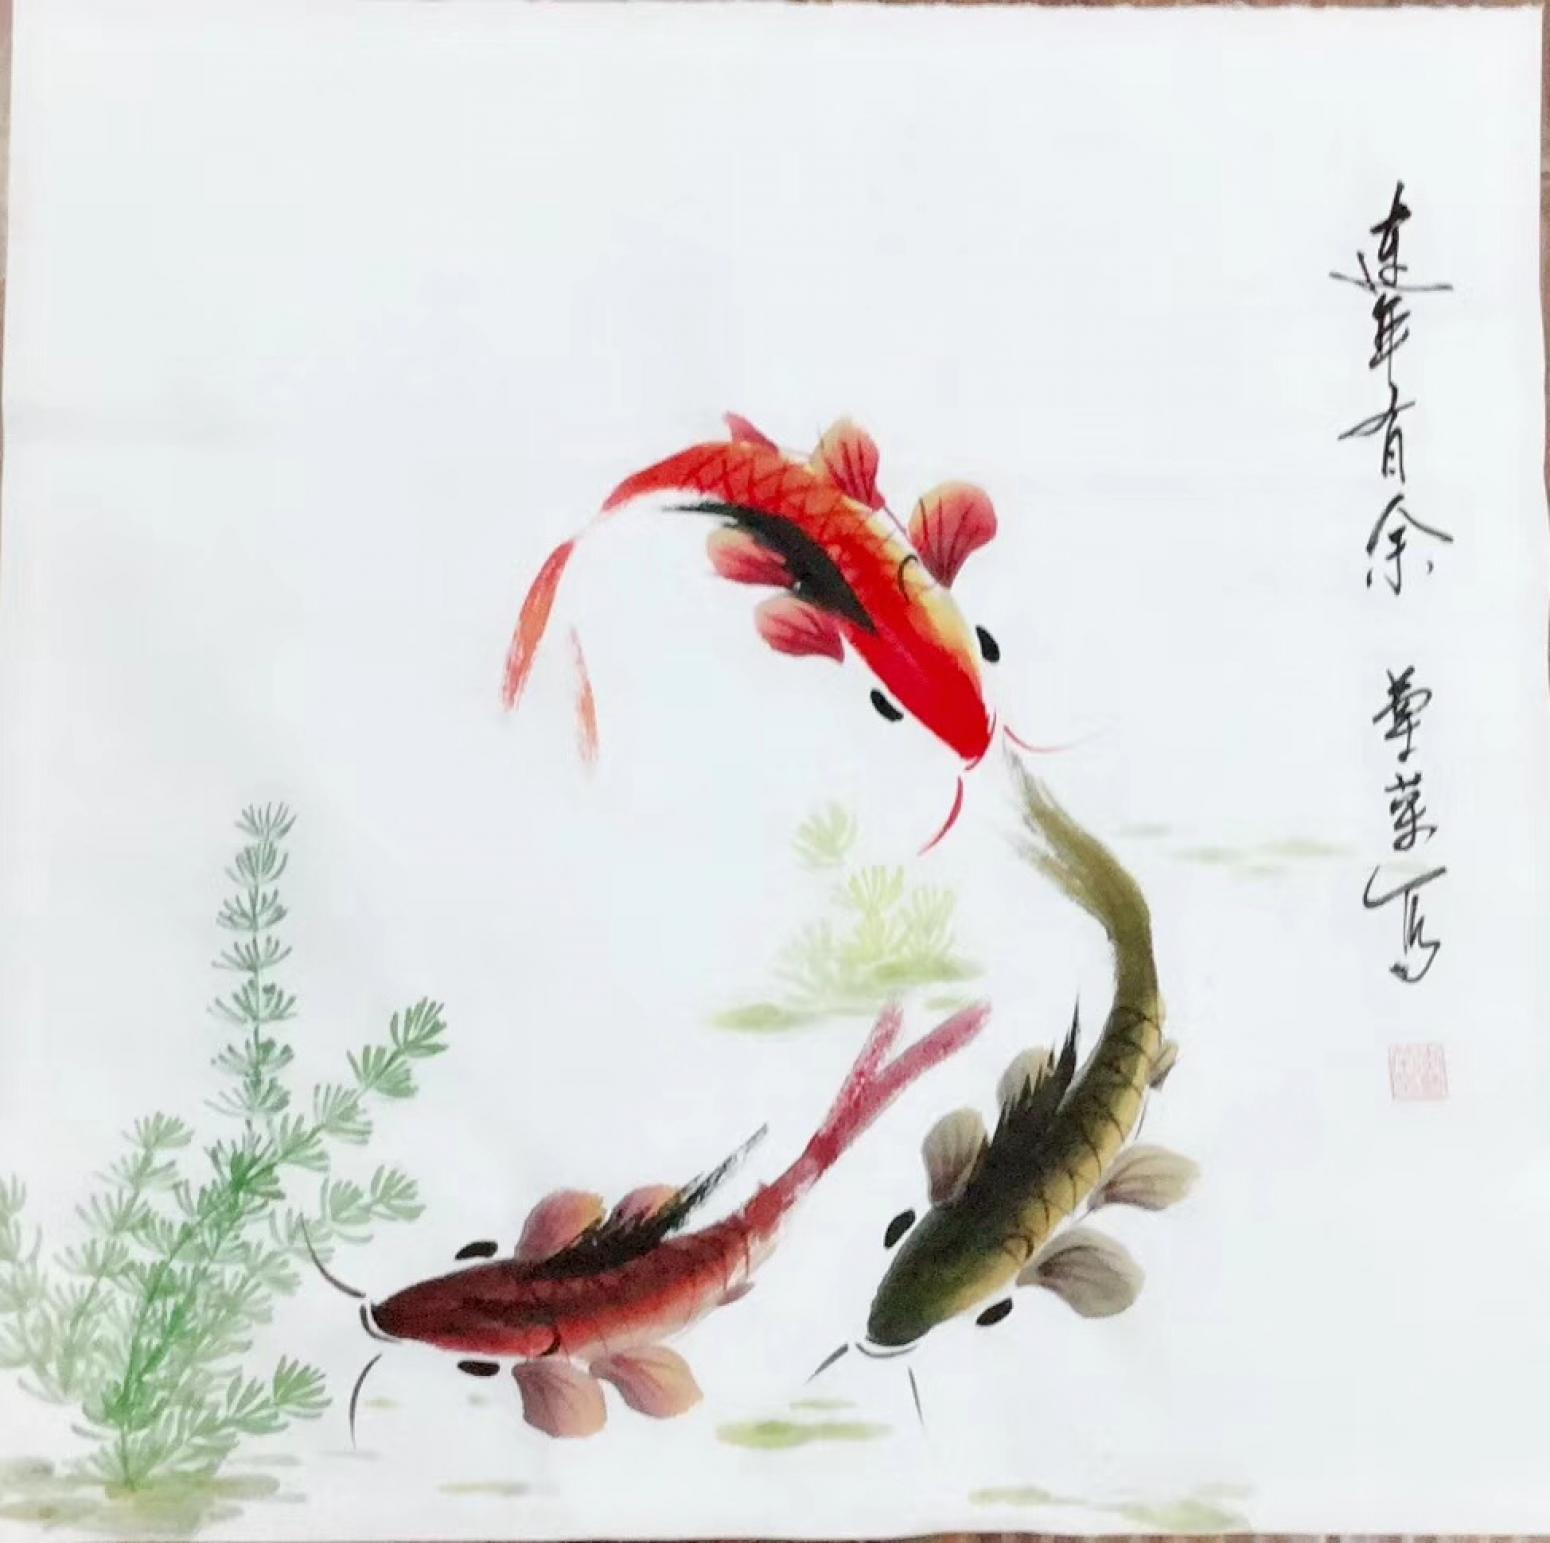 李尊荣国画作品《连年有余》